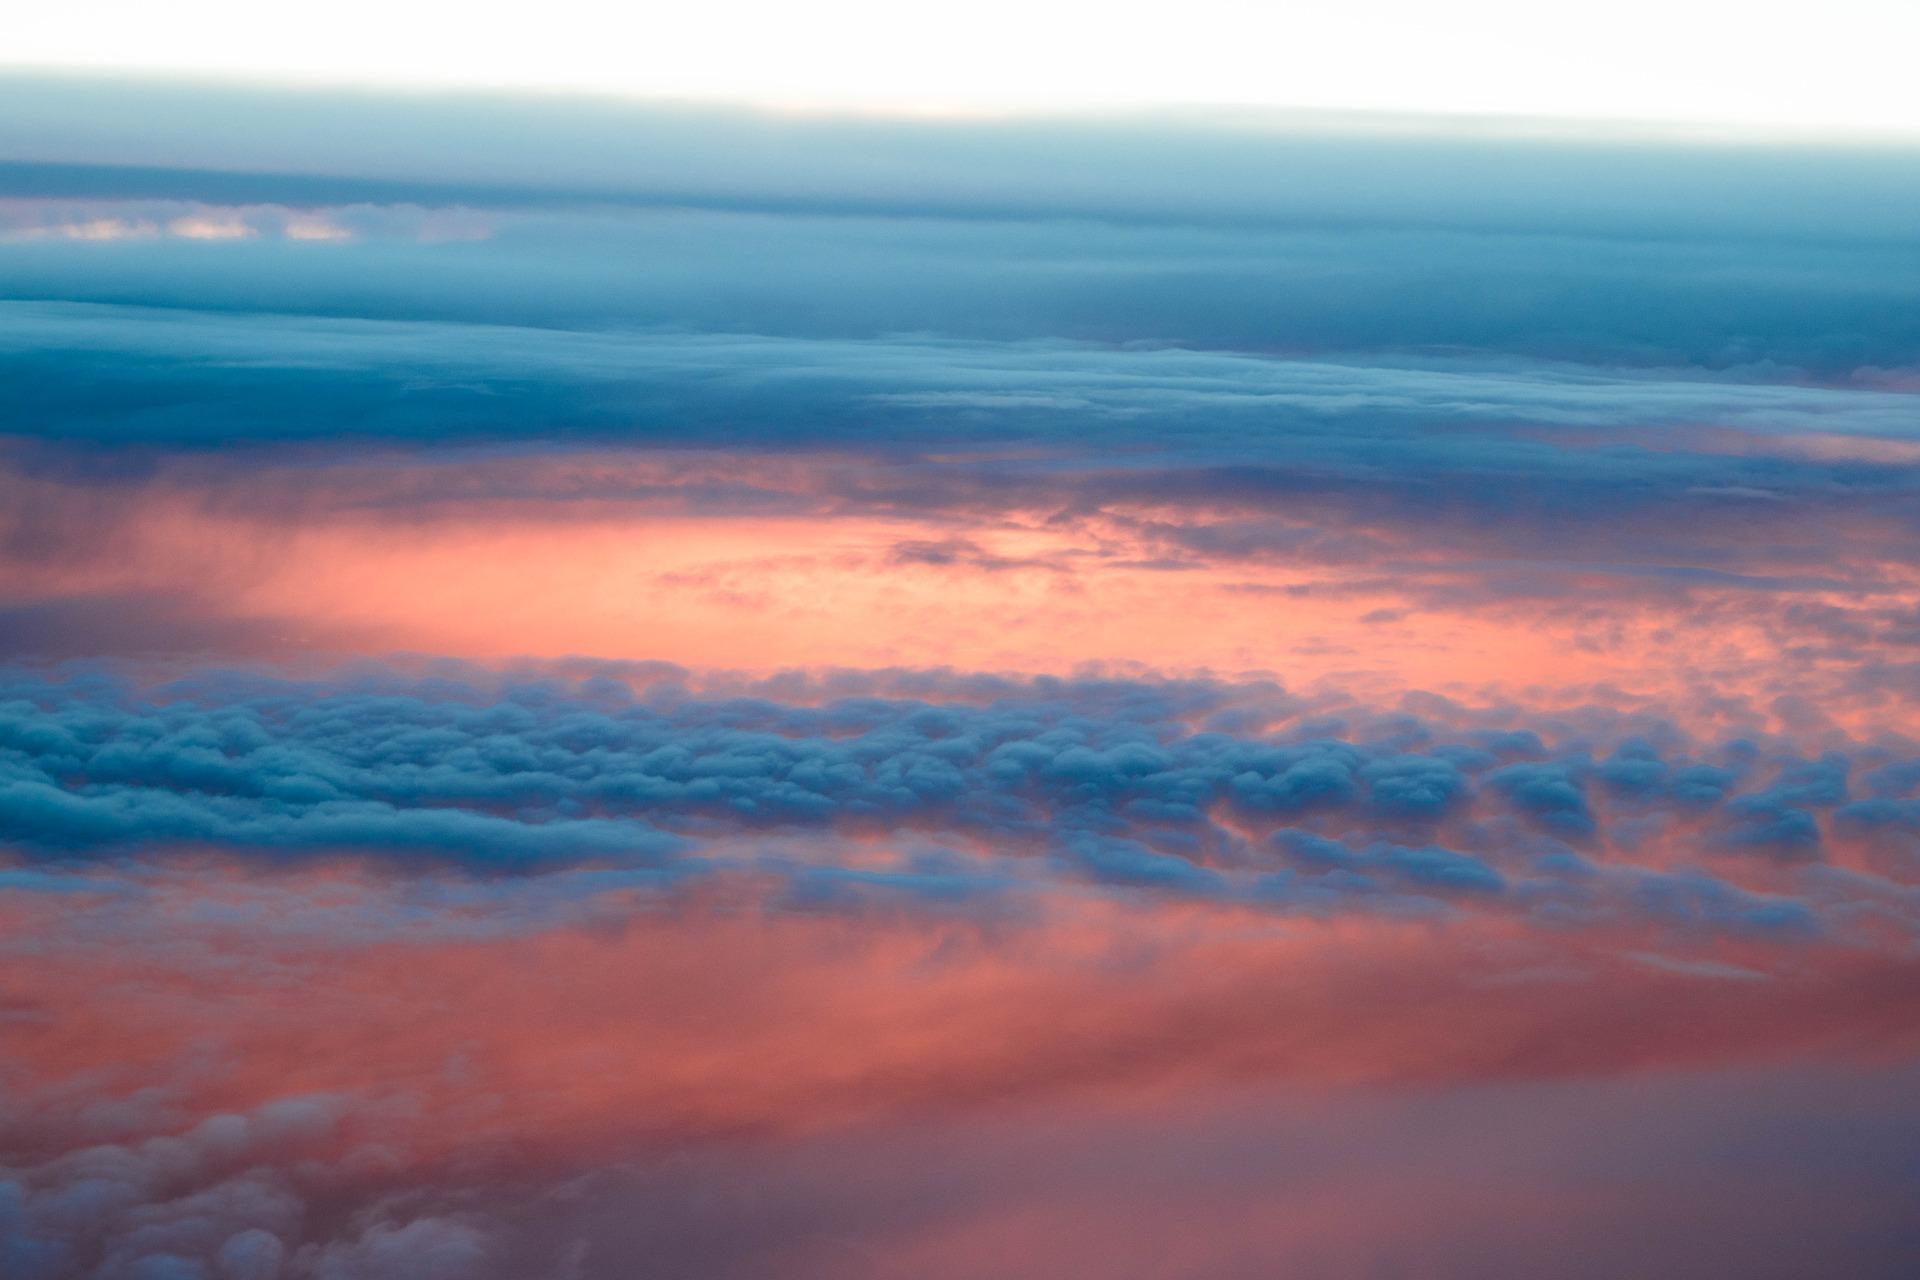 sky-2680053_1920.jpg